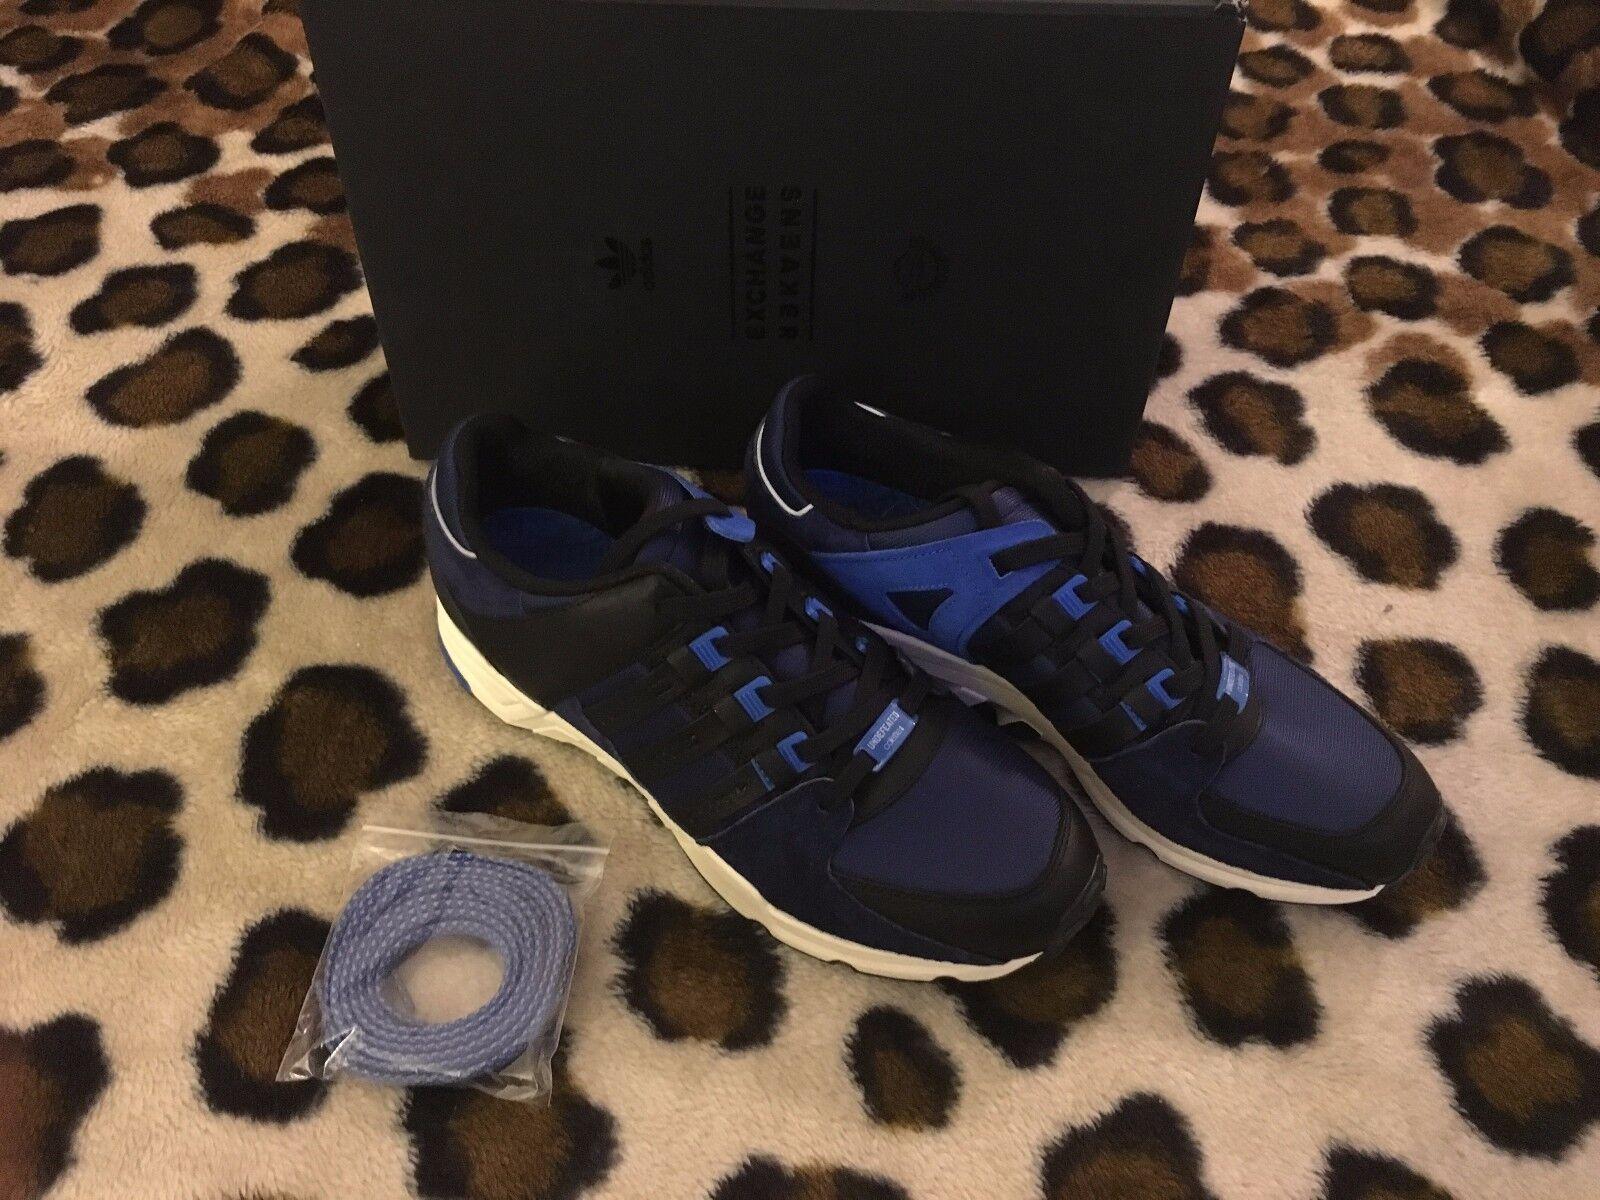 New Adidas Consortium Undefeated Colette Men sz sz sz 11 EQT Support SE Blau schwarz 415ed4